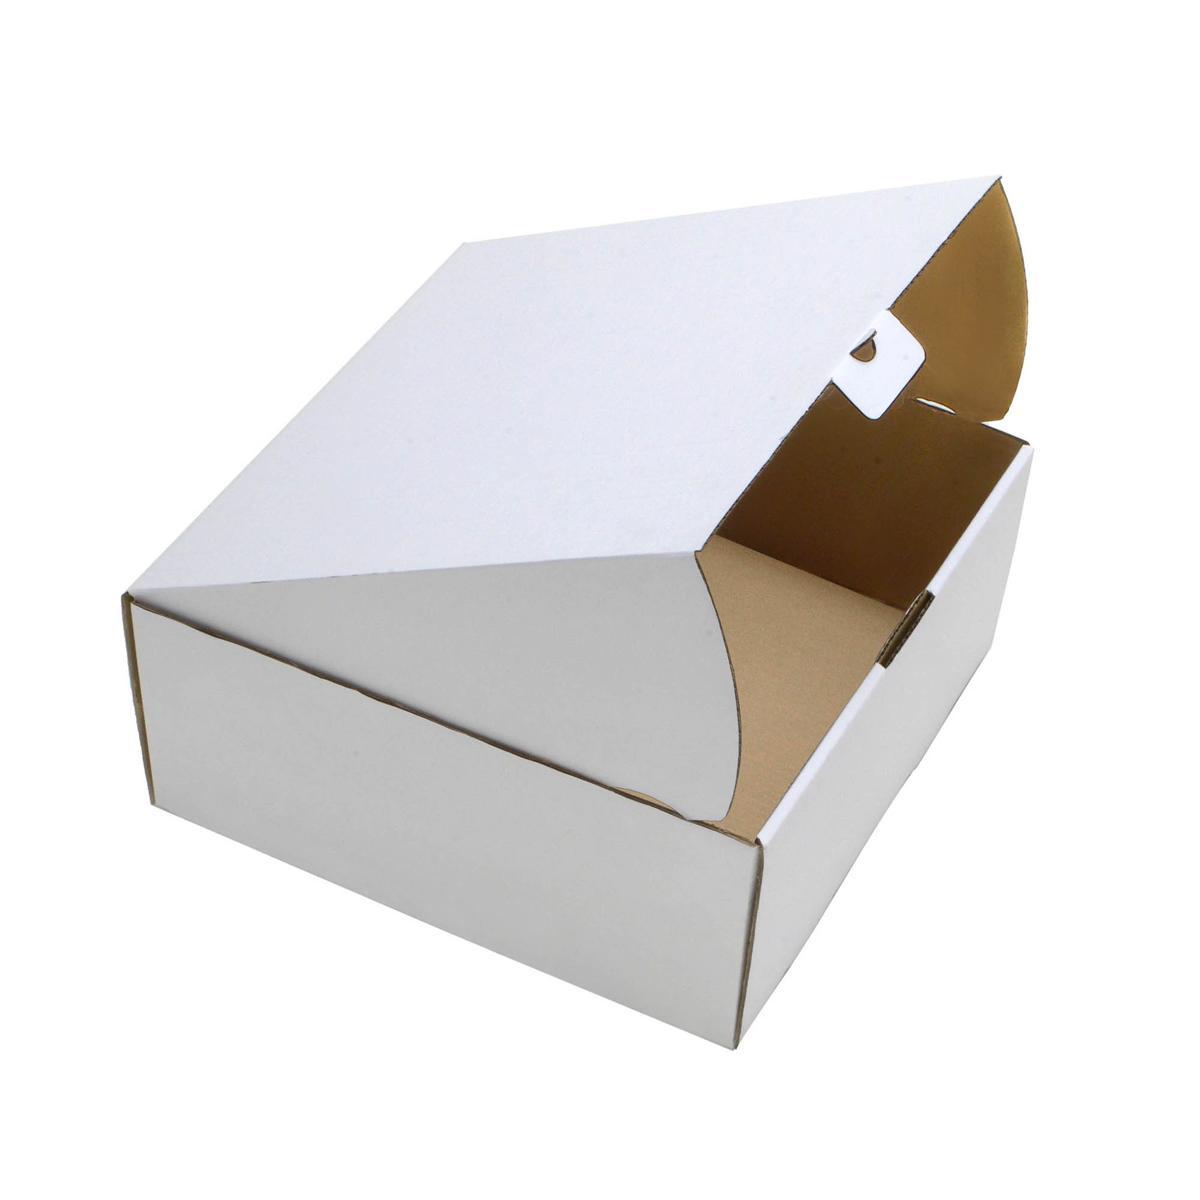 Caixa Para Bolo 35x35x15cm - Pacote com 10 unidades